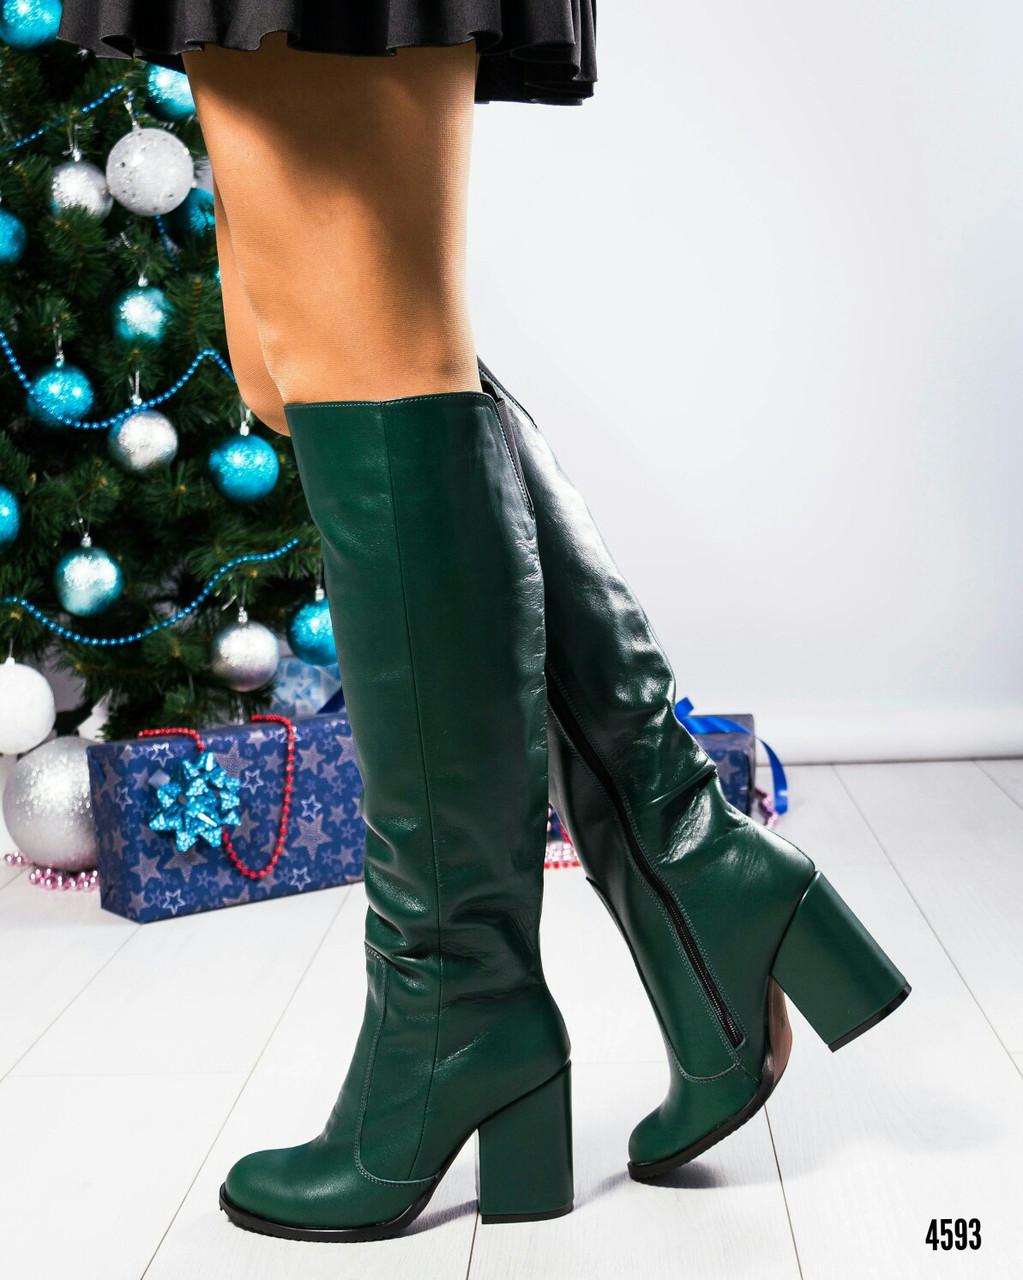 e14be6fb1fdd Зеленые кожаные сапоги-ботфорты на толстом кожаном каблуке